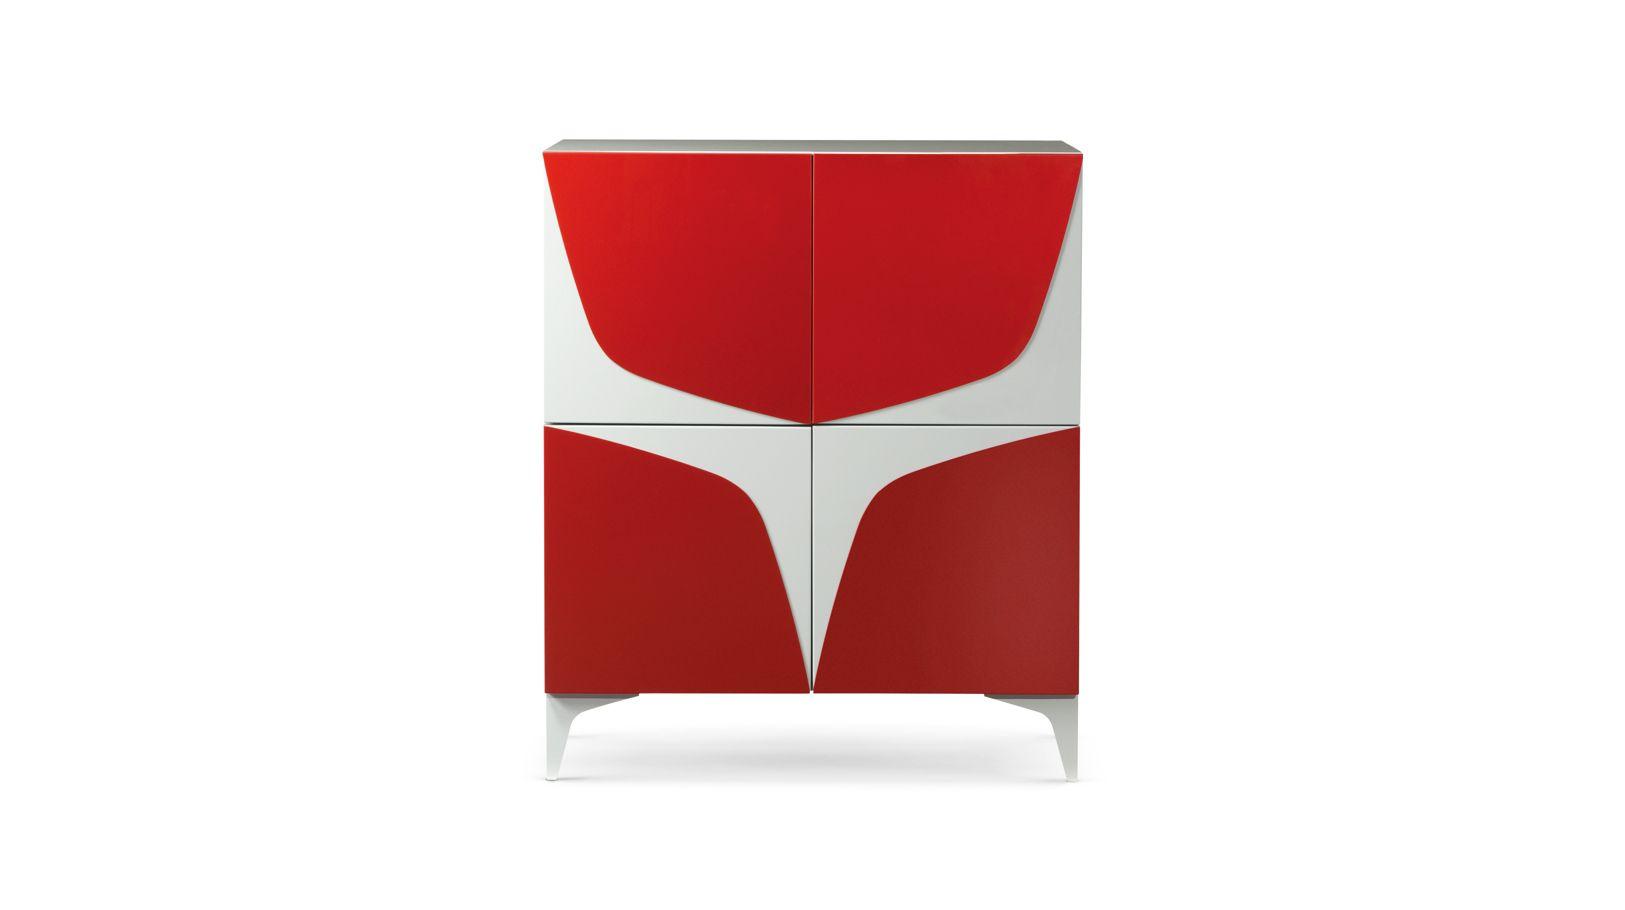 victoria chest roche bobois. Black Bedroom Furniture Sets. Home Design Ideas